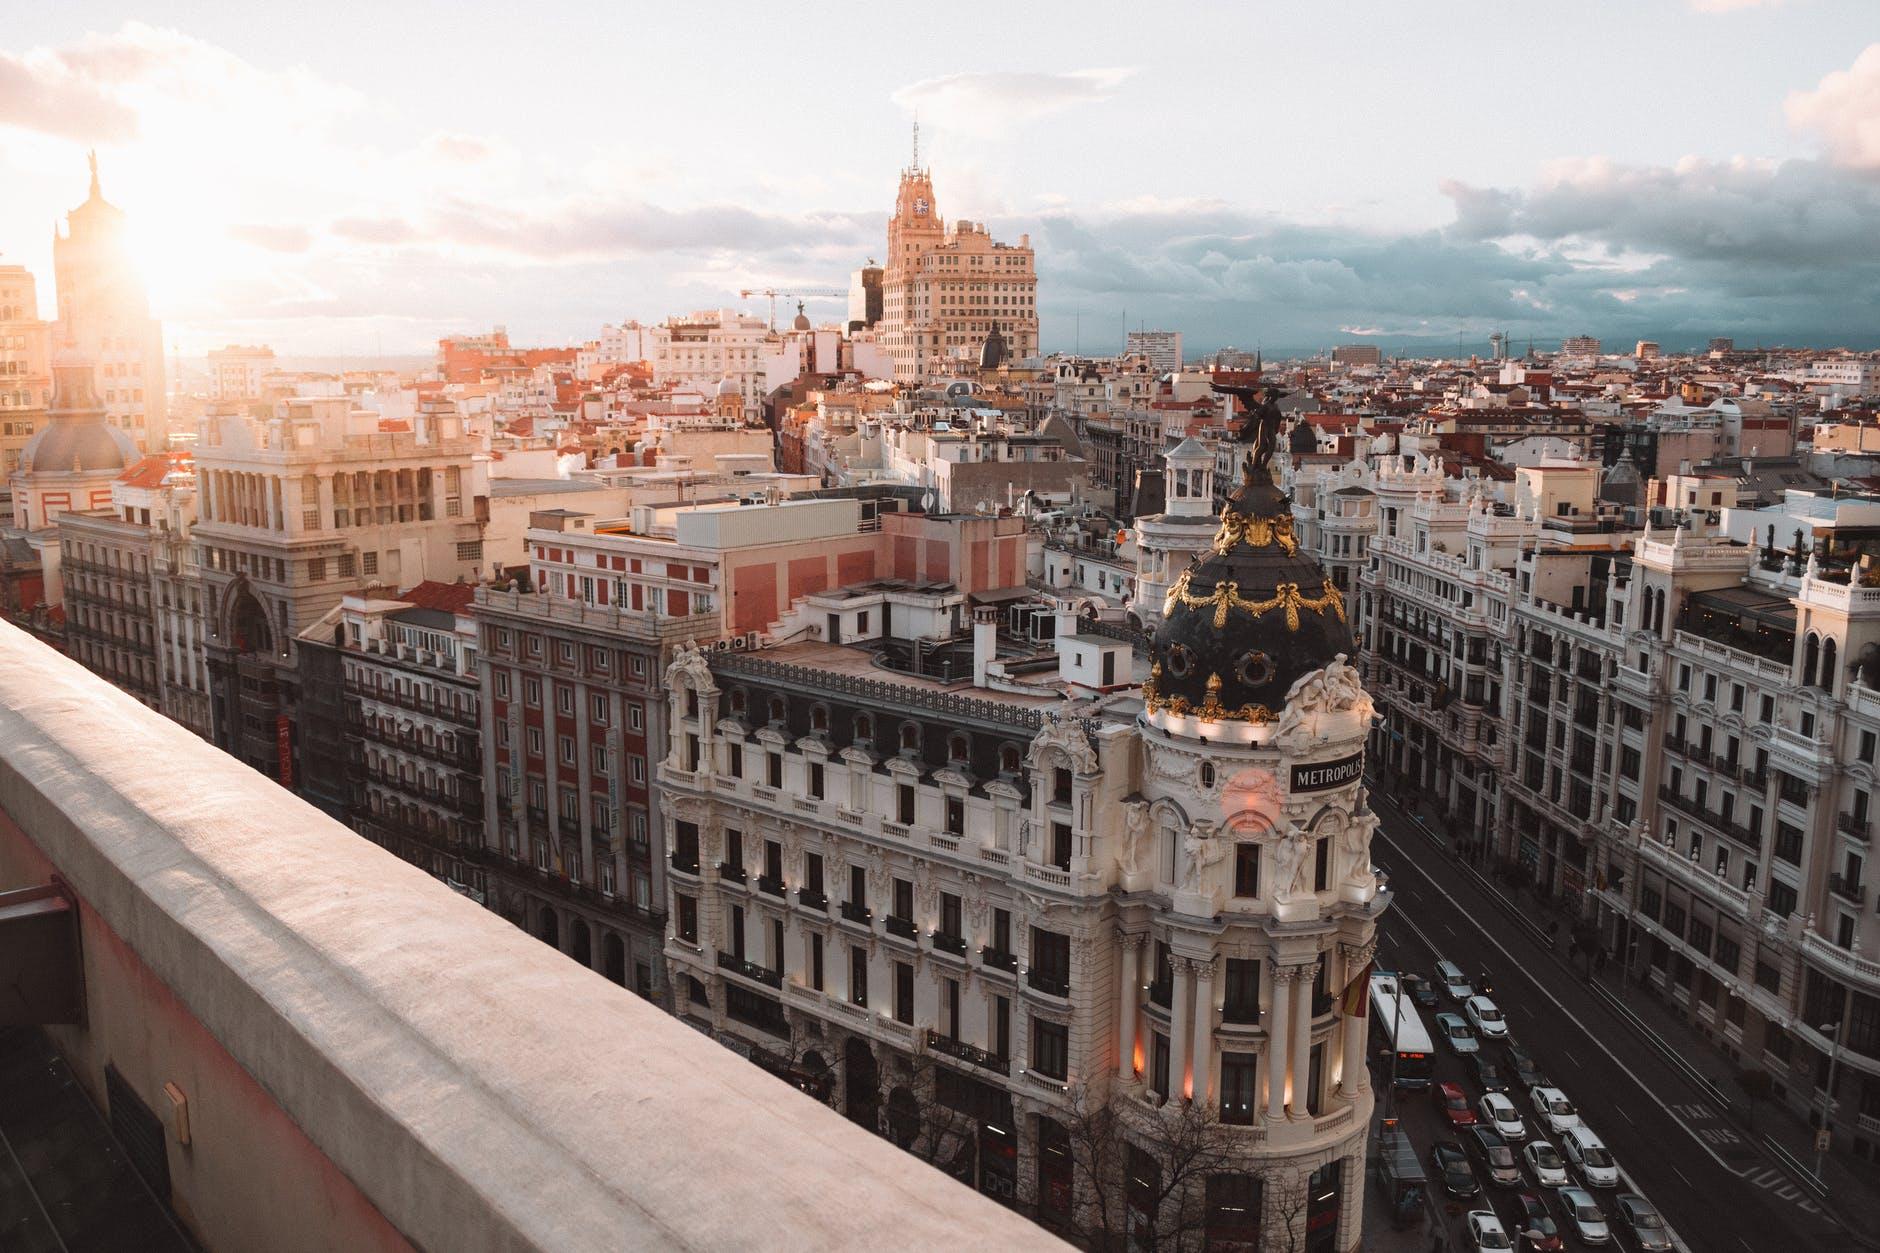 В Мадрид возвращаются бесплатные городские экскурсии Pasea Madrid